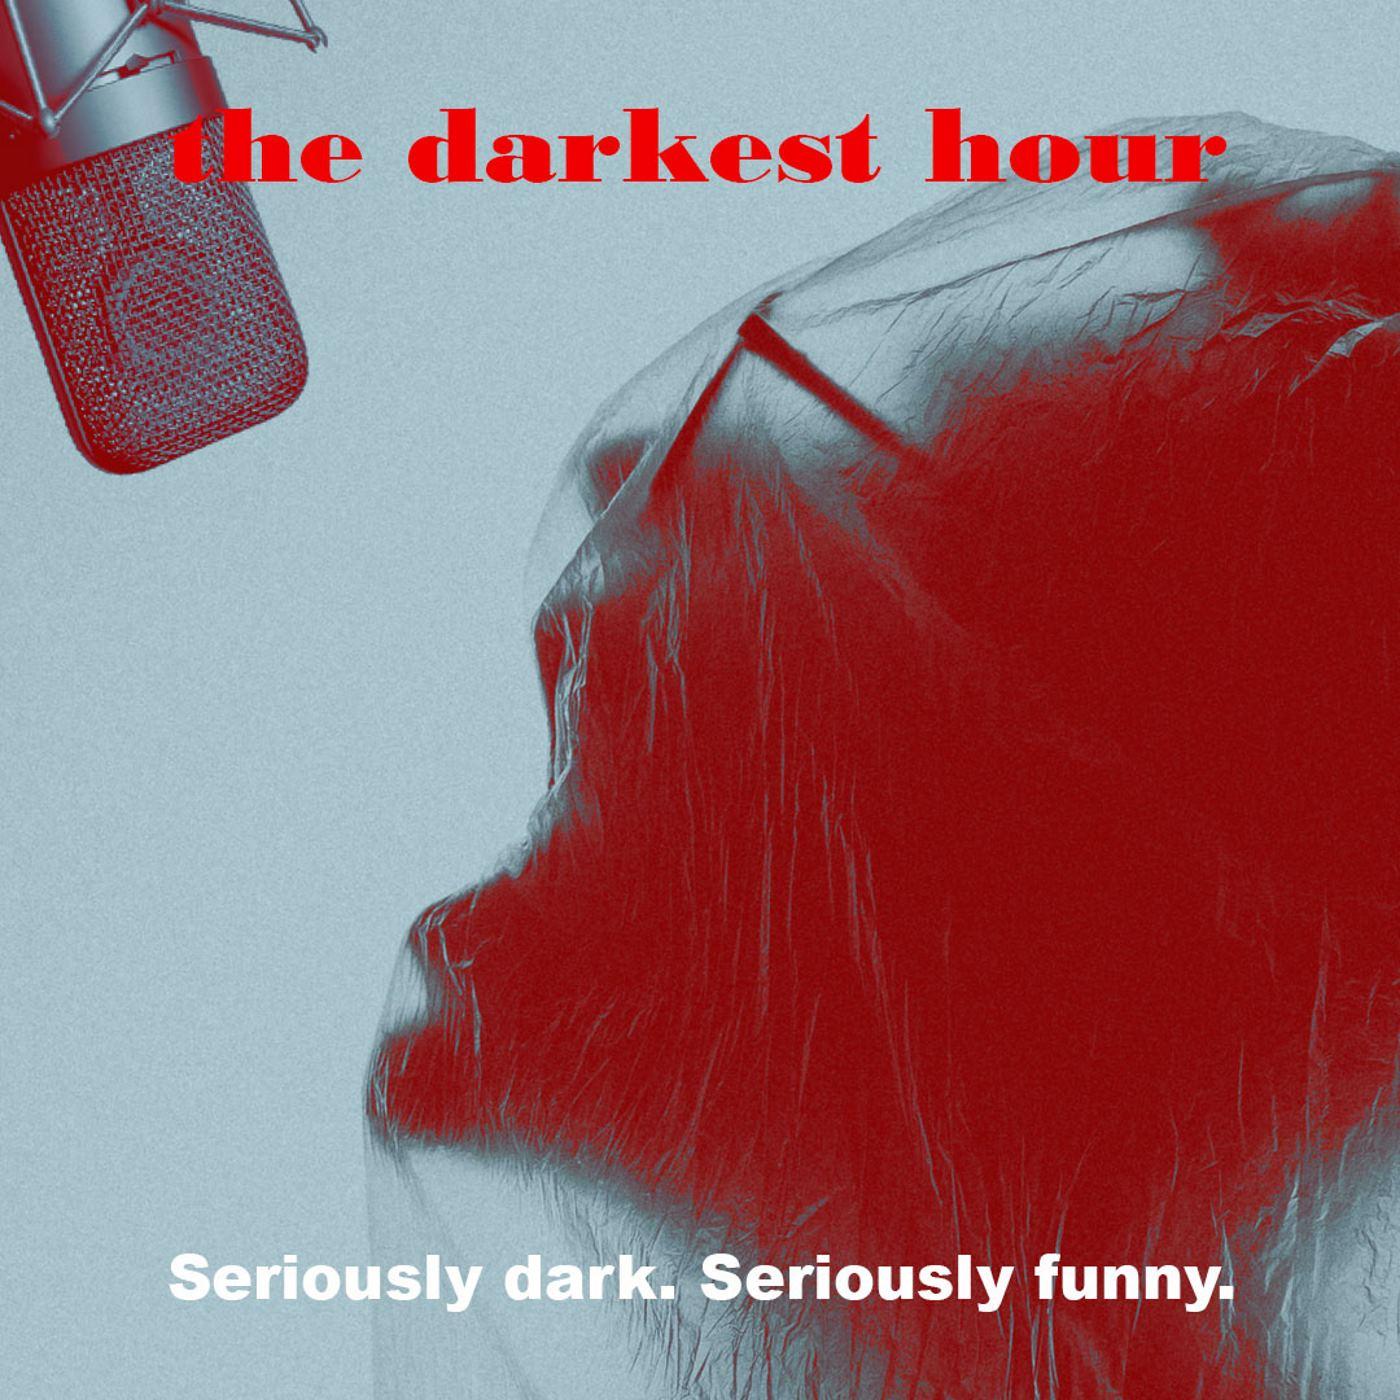 The Darkest Hour Episode 1